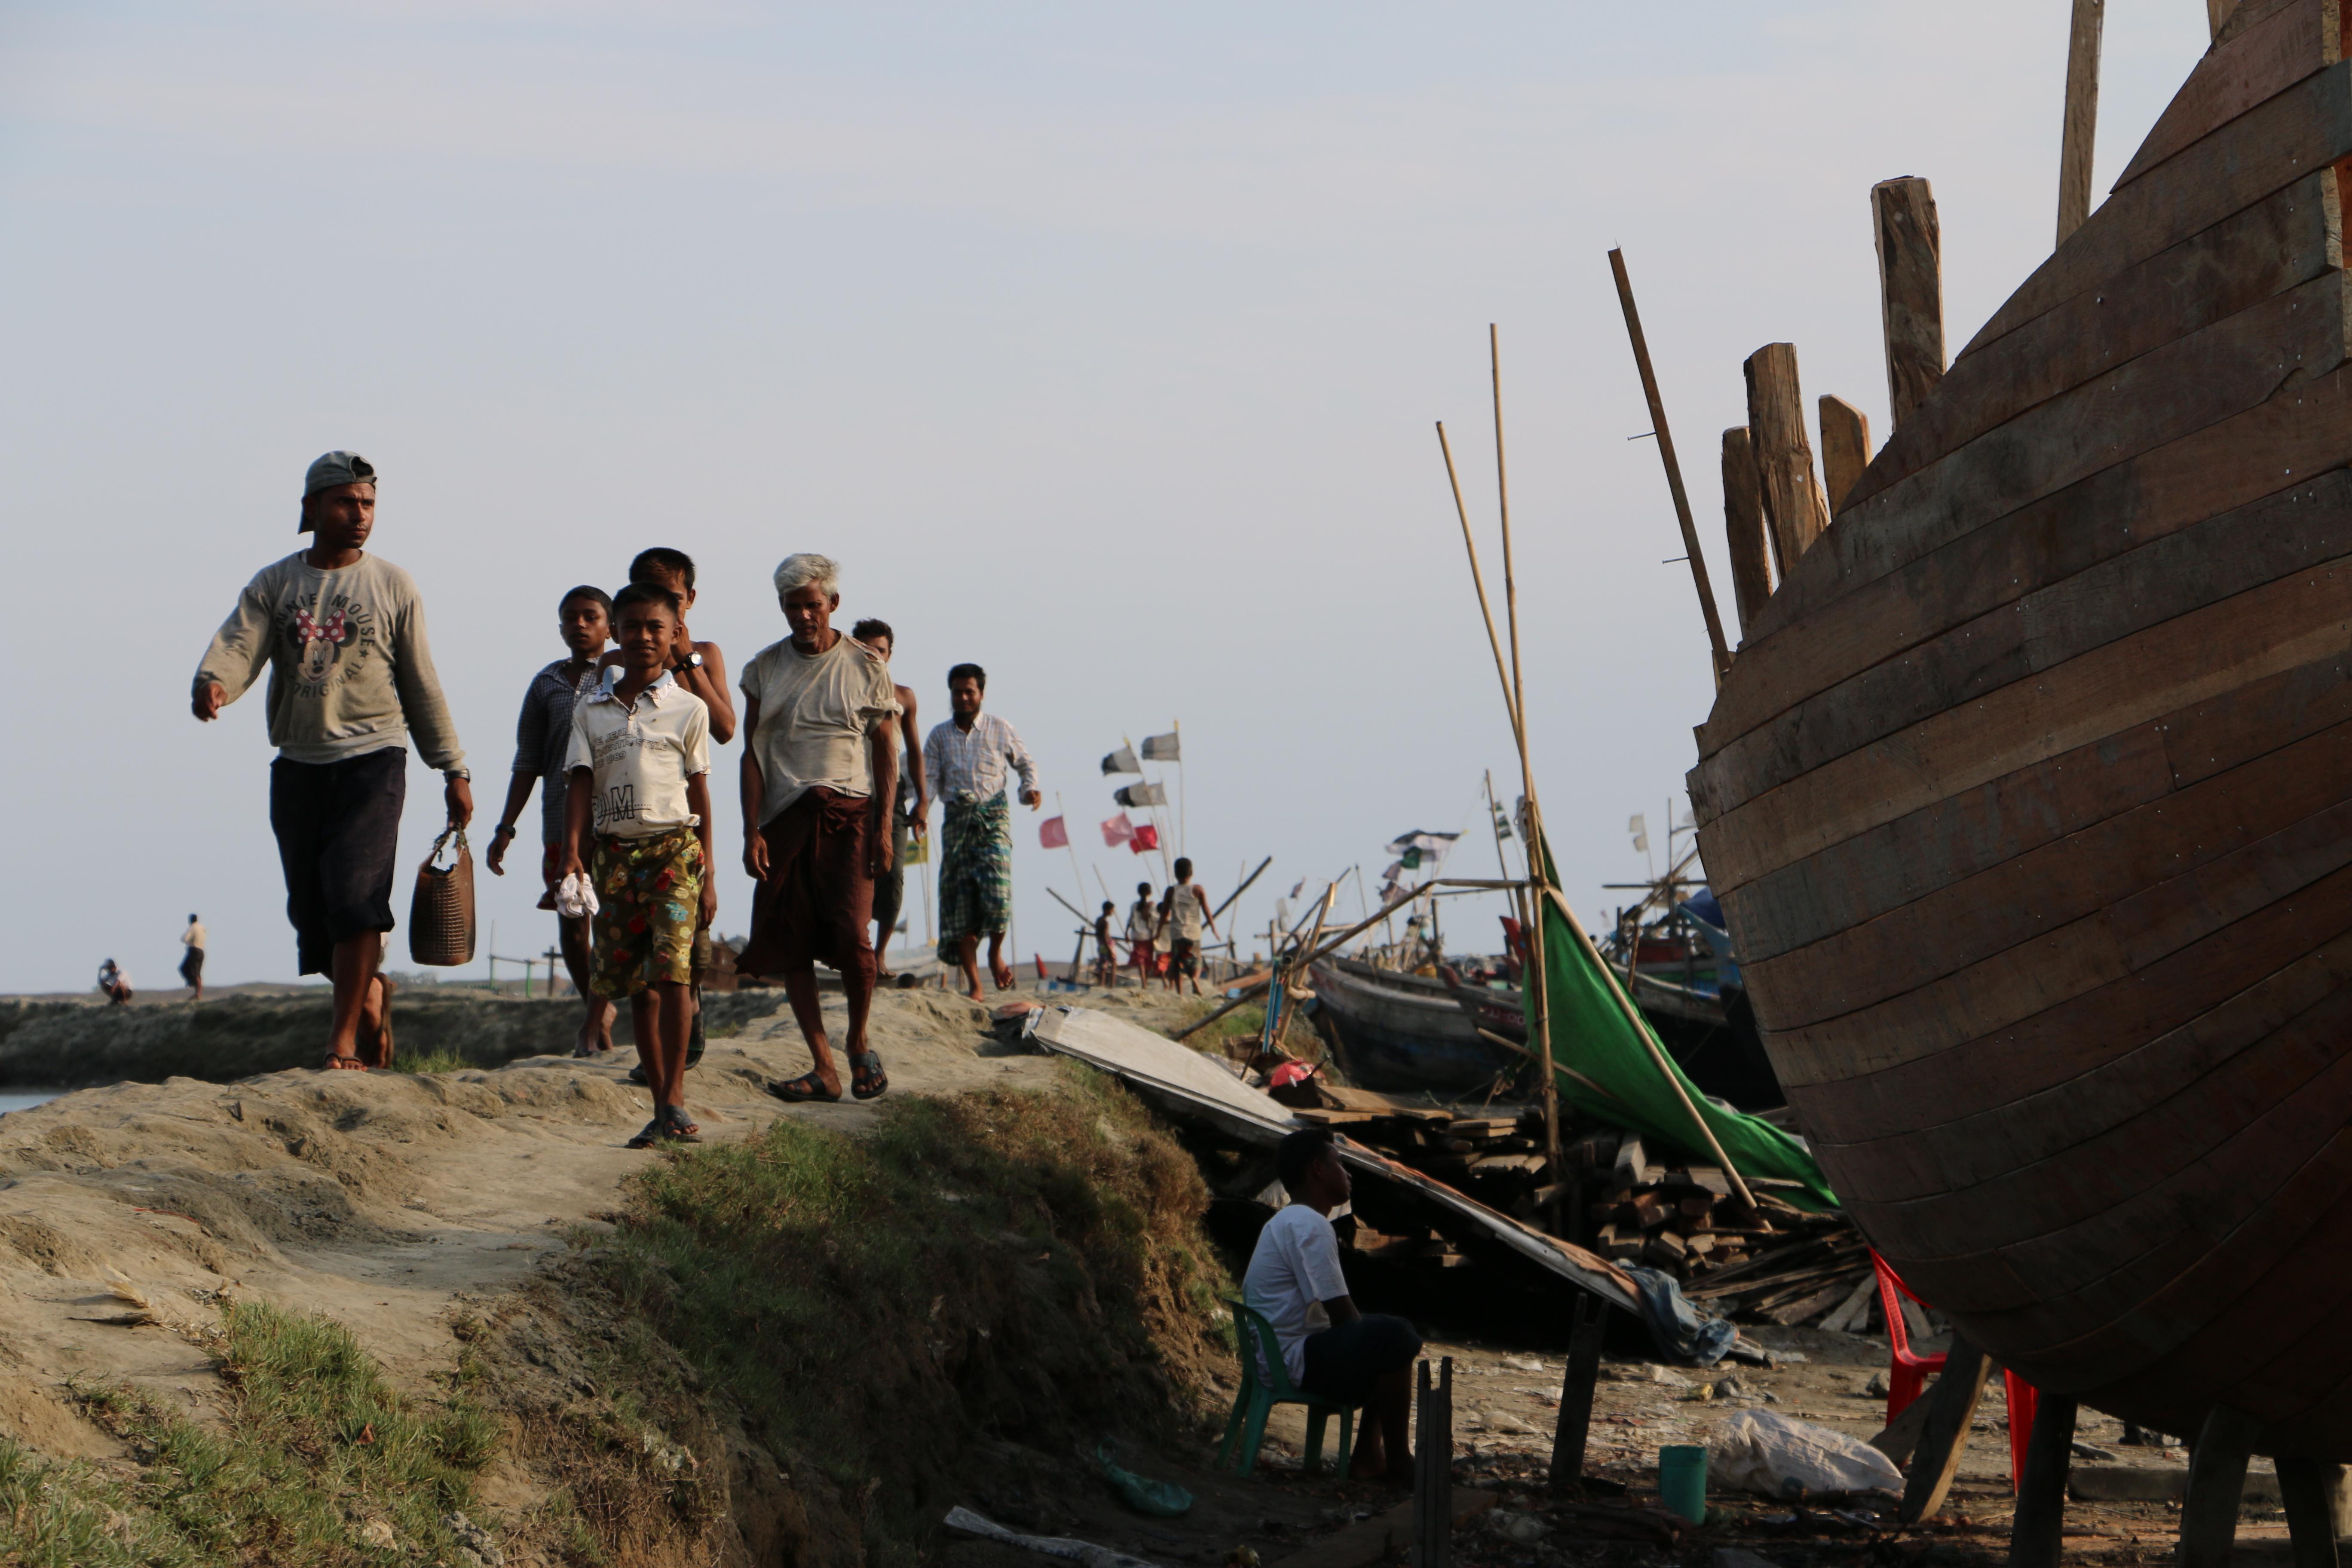 Os Rohingya e os conflitos no Myanmar